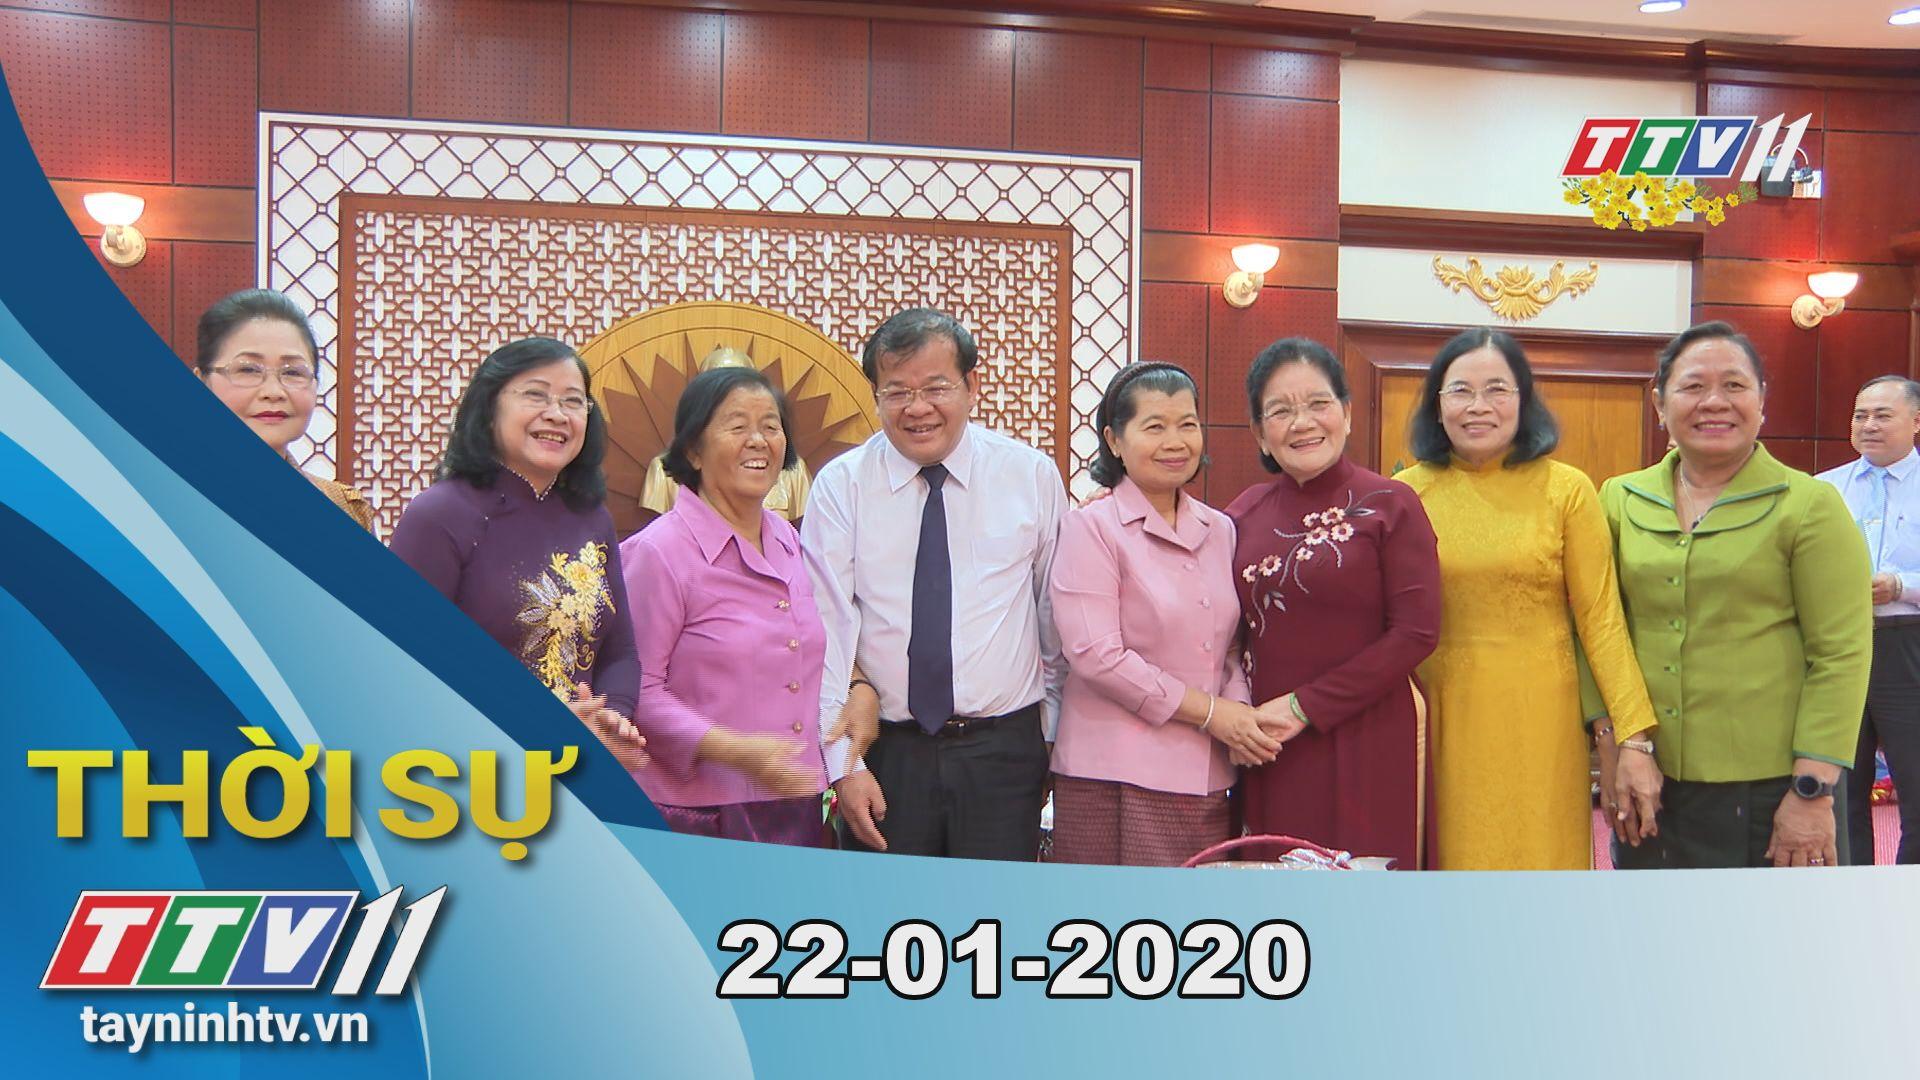 Thời sự Tây Ninh 22-01-2020 | Tin tức hôm nay | TayNinhTV